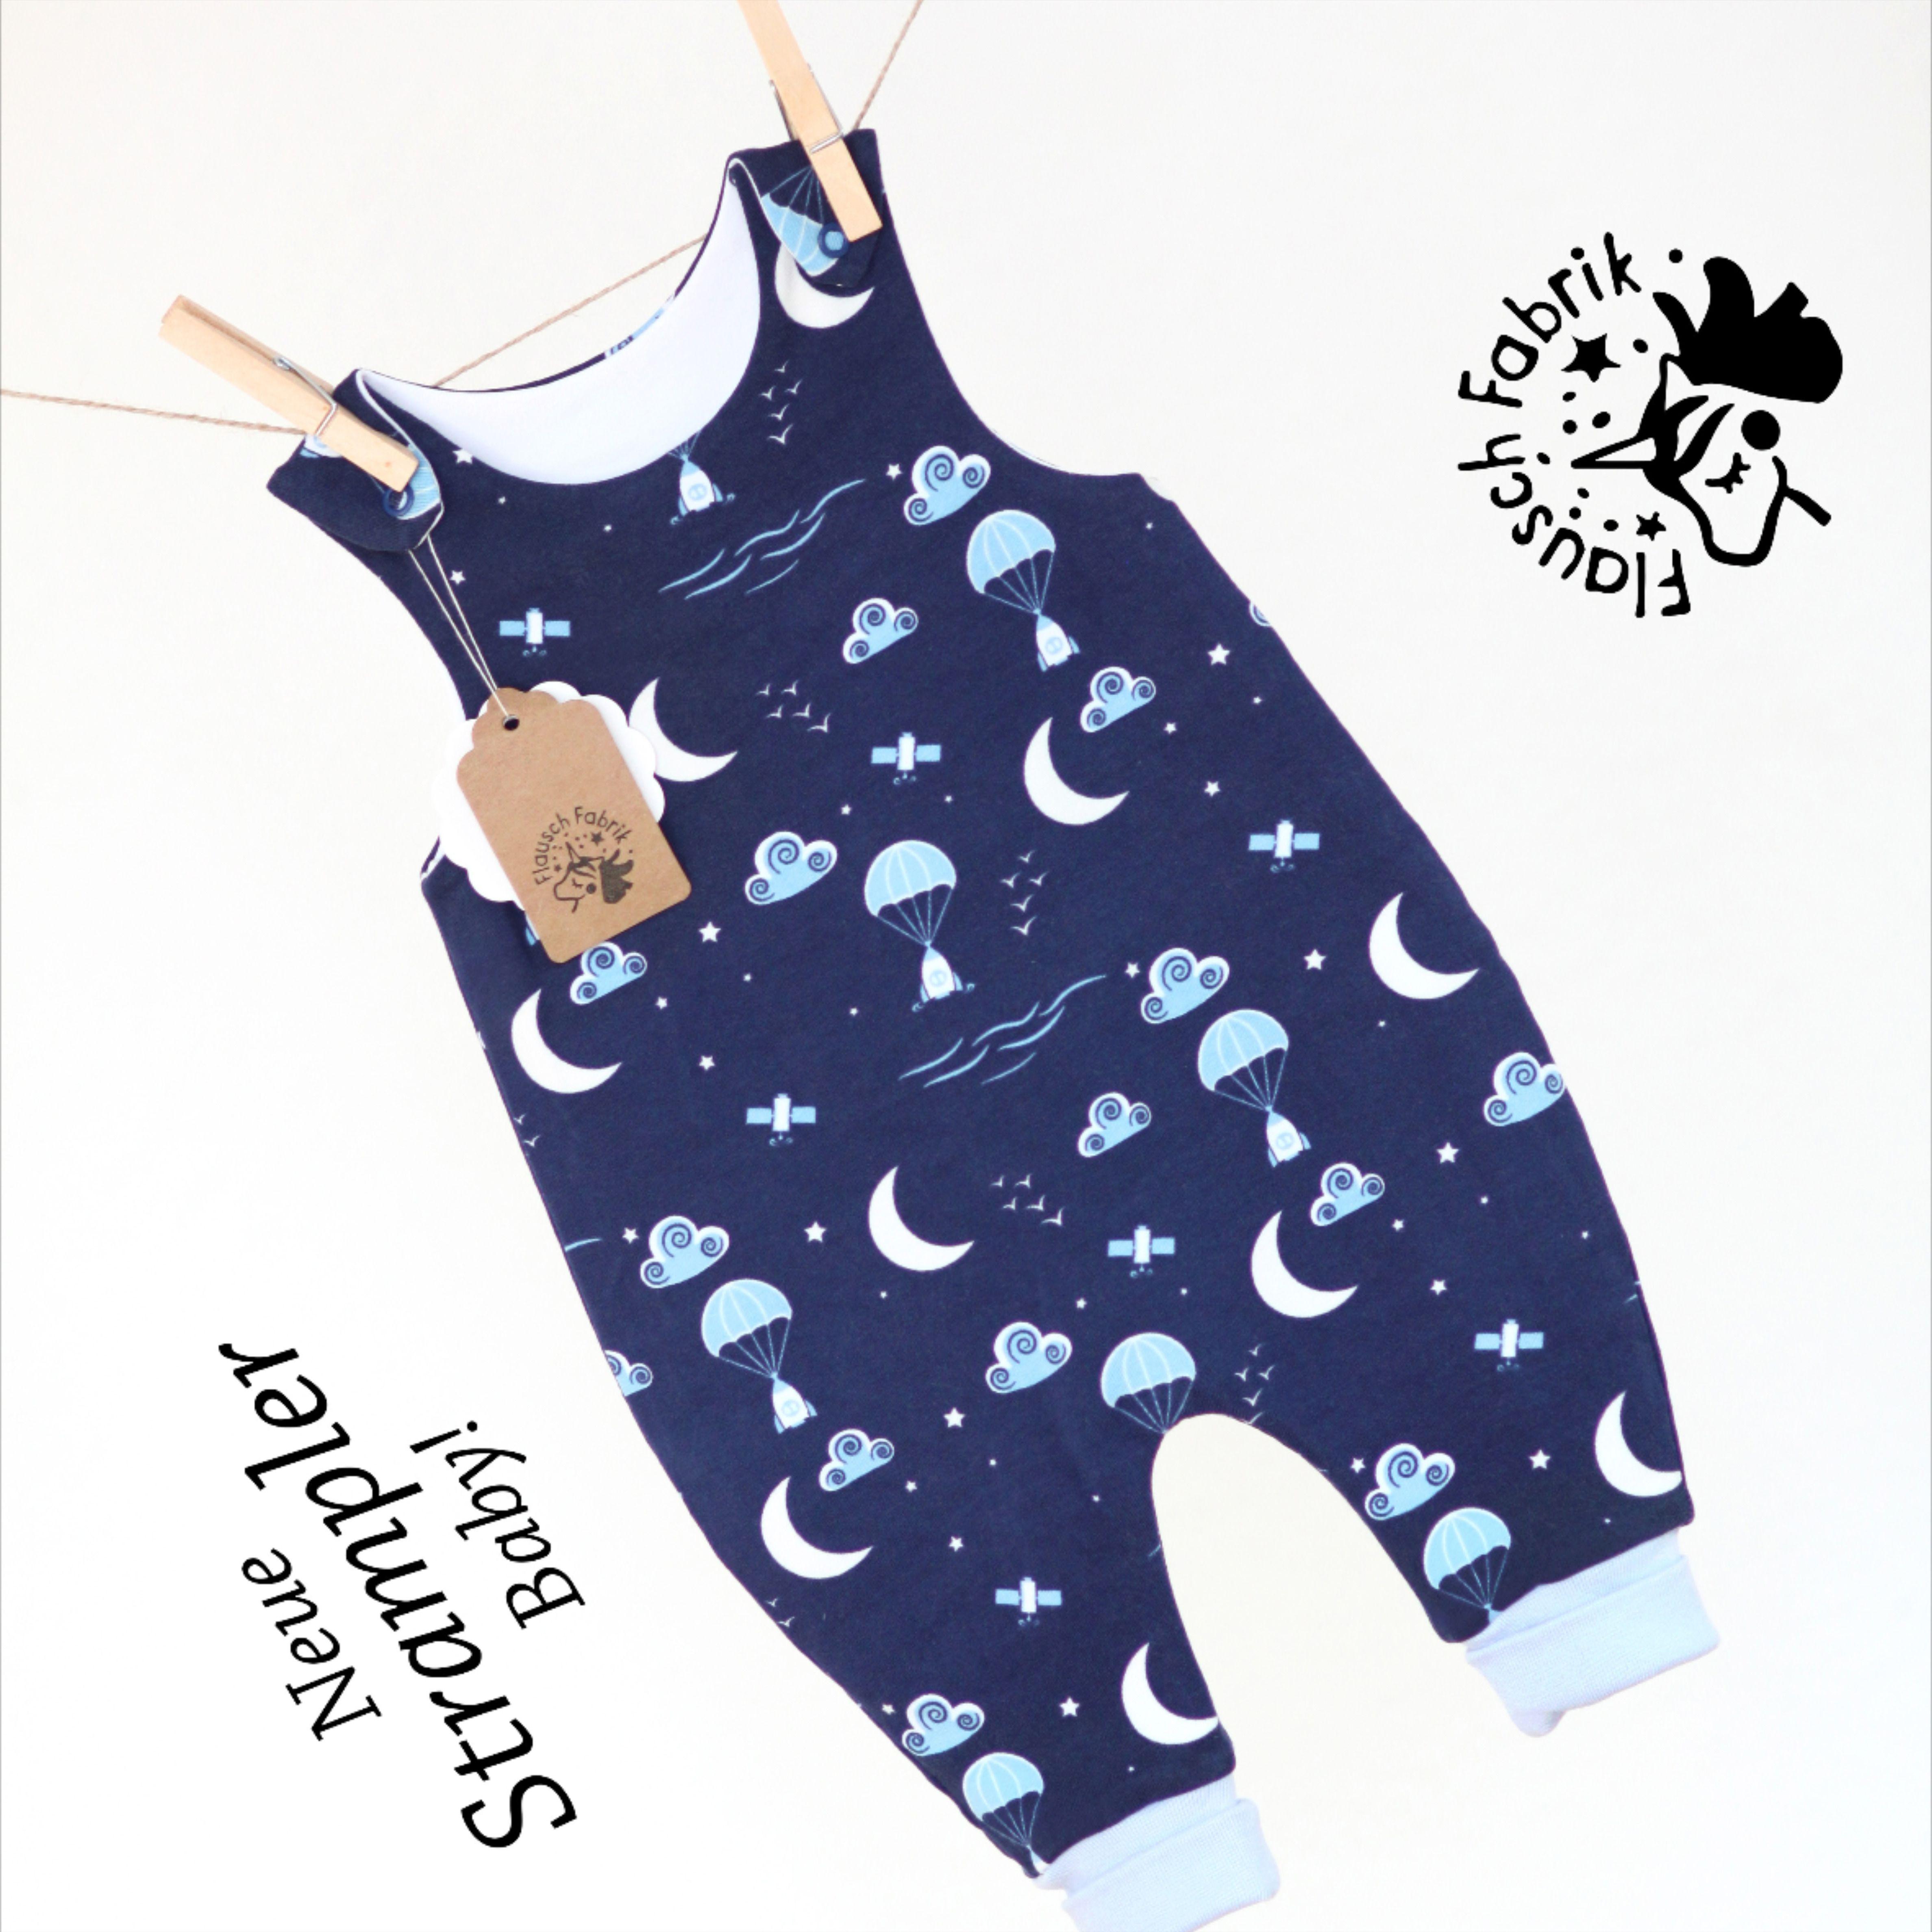 Flausch Fabrik / Werbung / Baby  Strampler